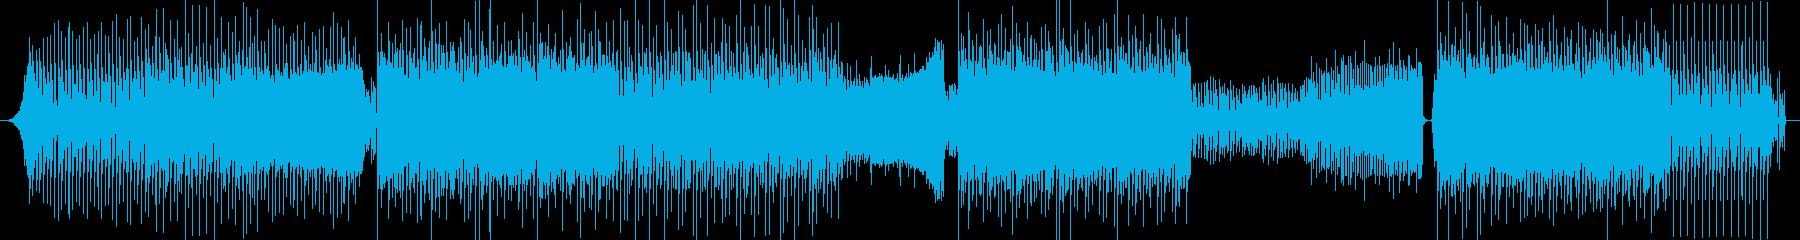 リズムの良いクラブ風サウンドの再生済みの波形